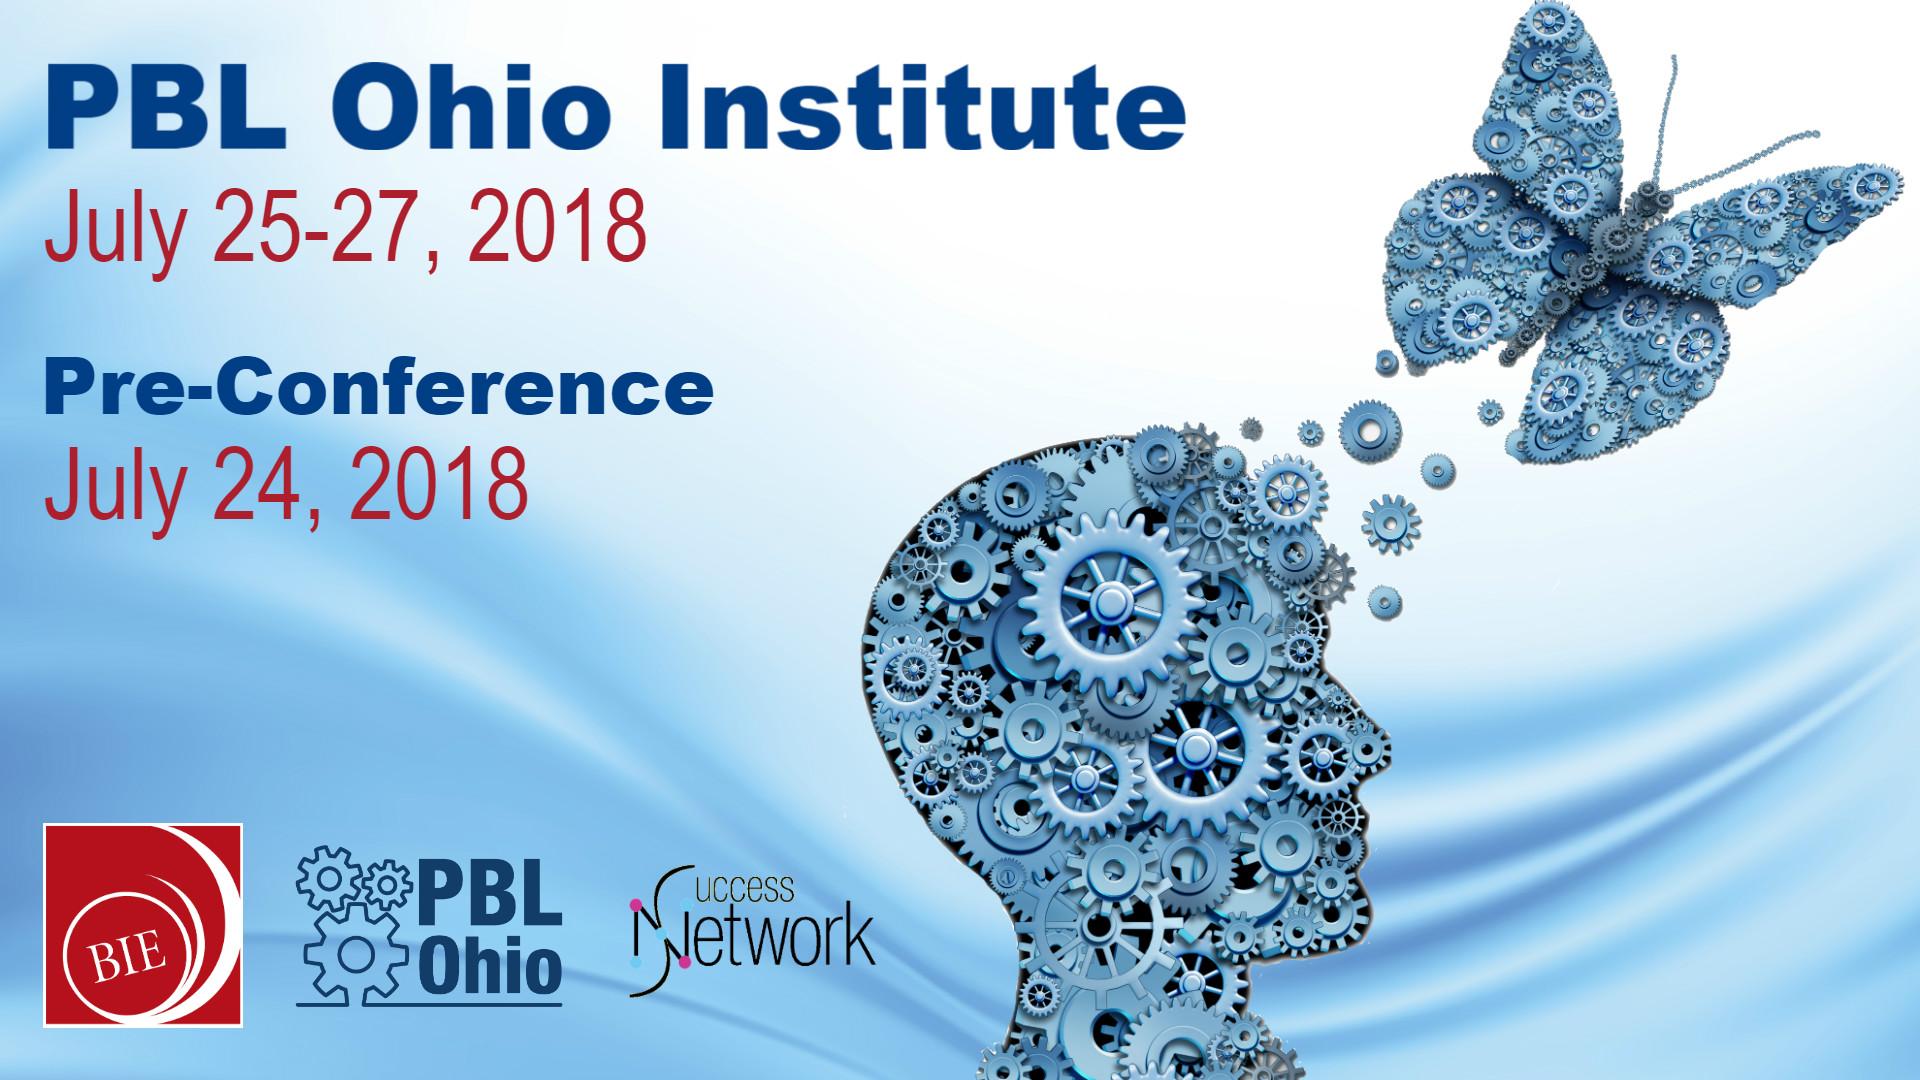 PBL Ohio Institute